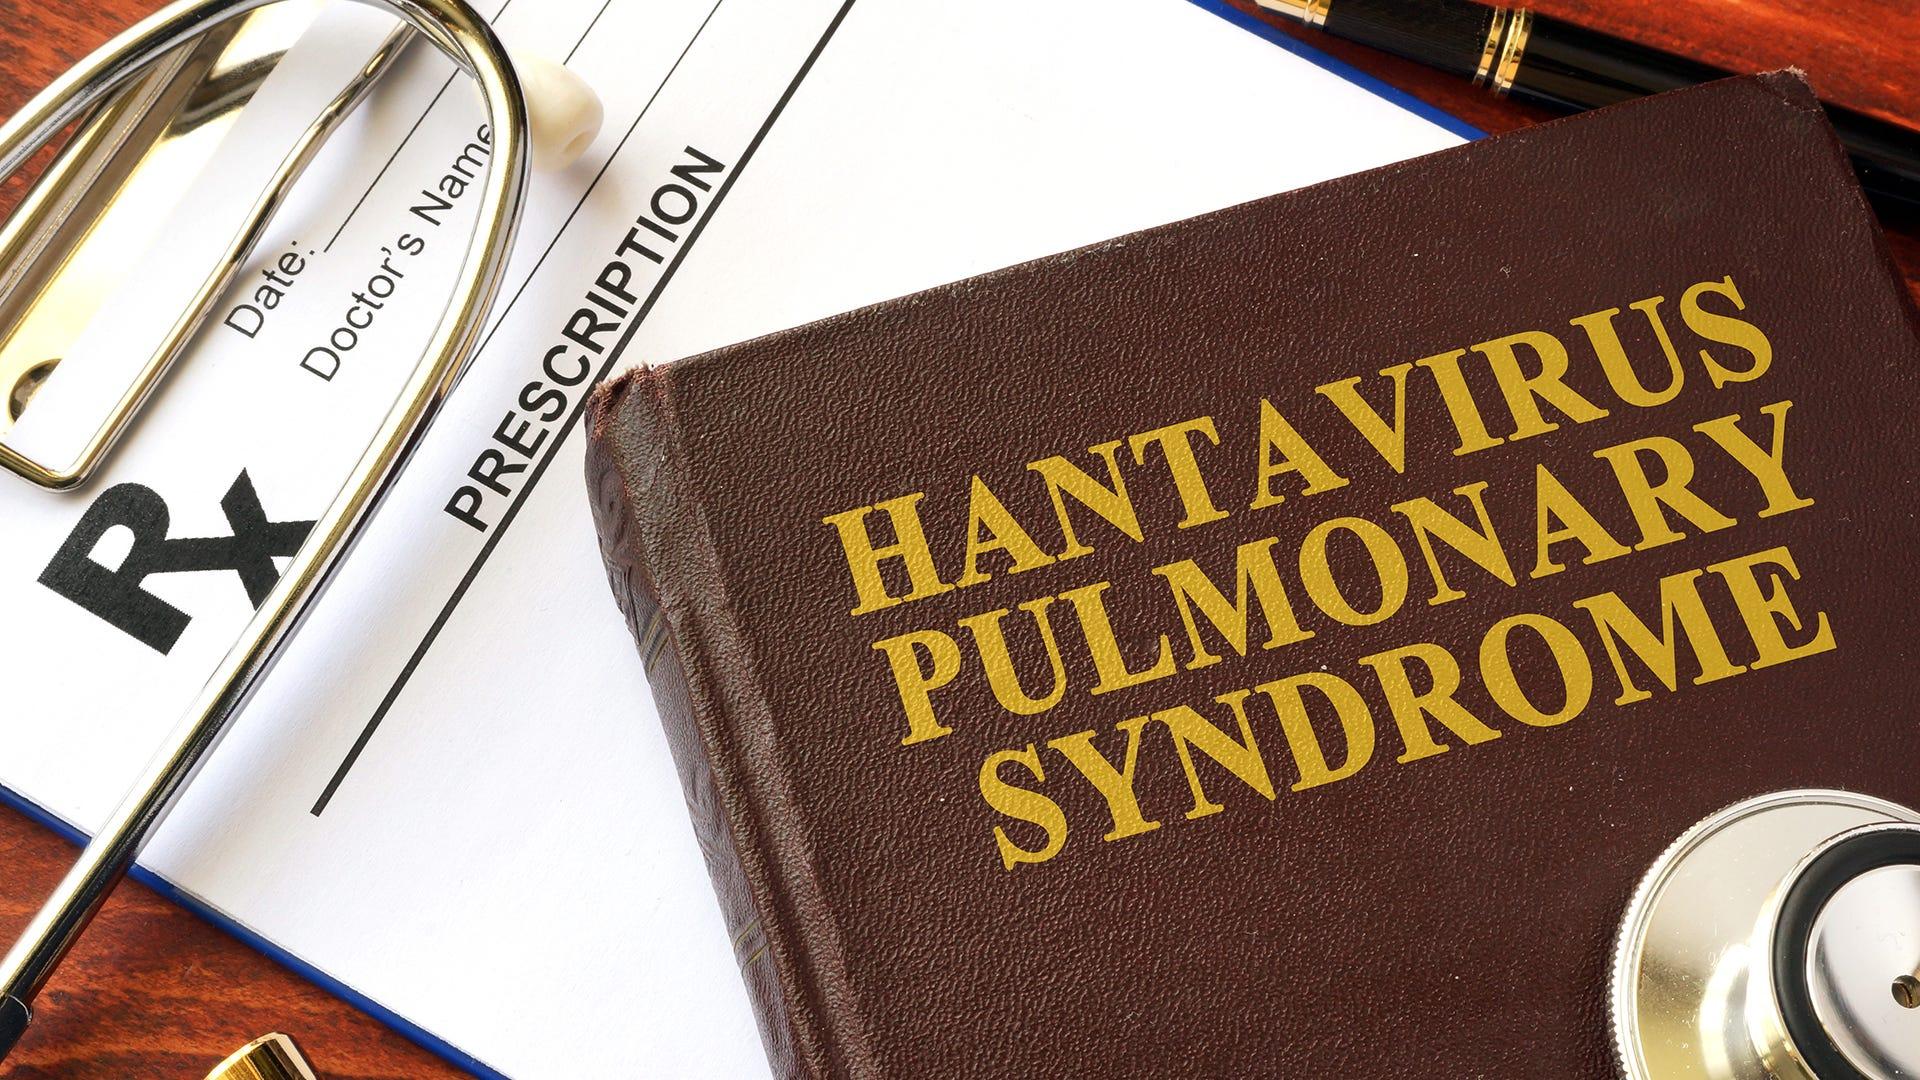 Hantavirus: A Potentially Deadly Disease